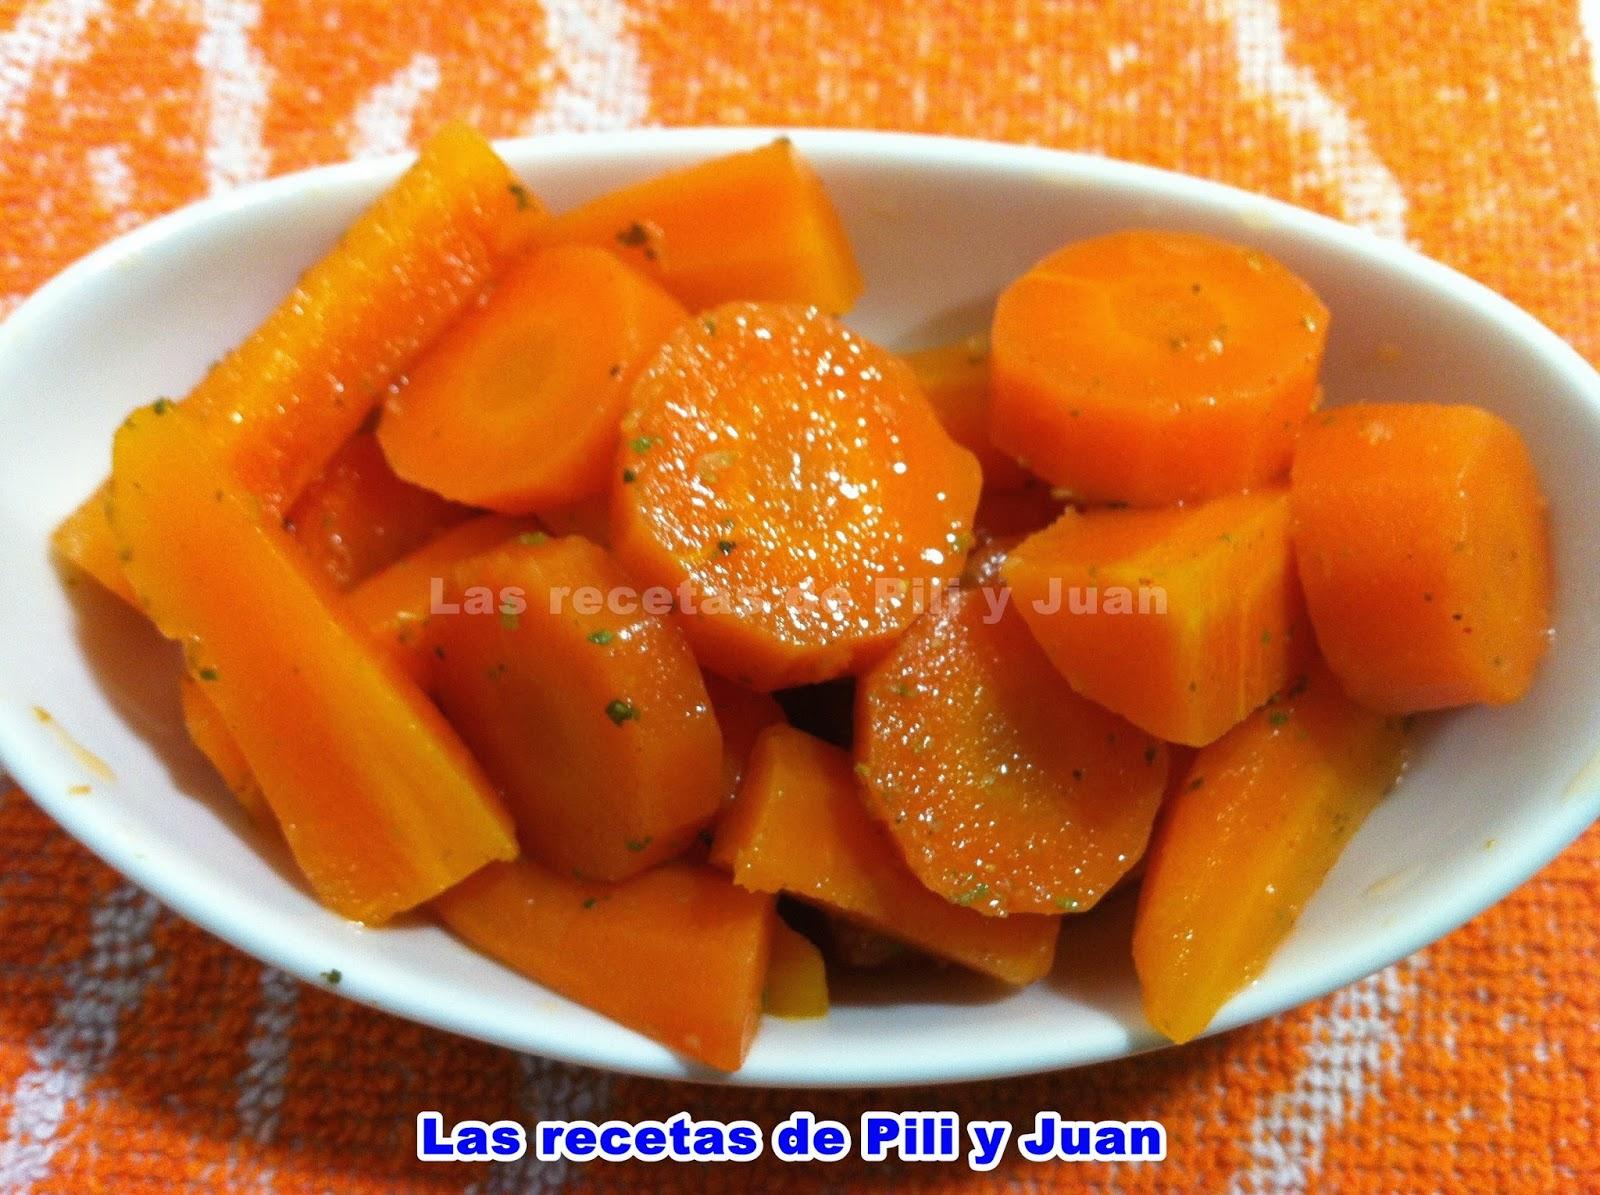 Las recetas de pili y juan zanahorias ali adas - Encurtido de zanahoria ...